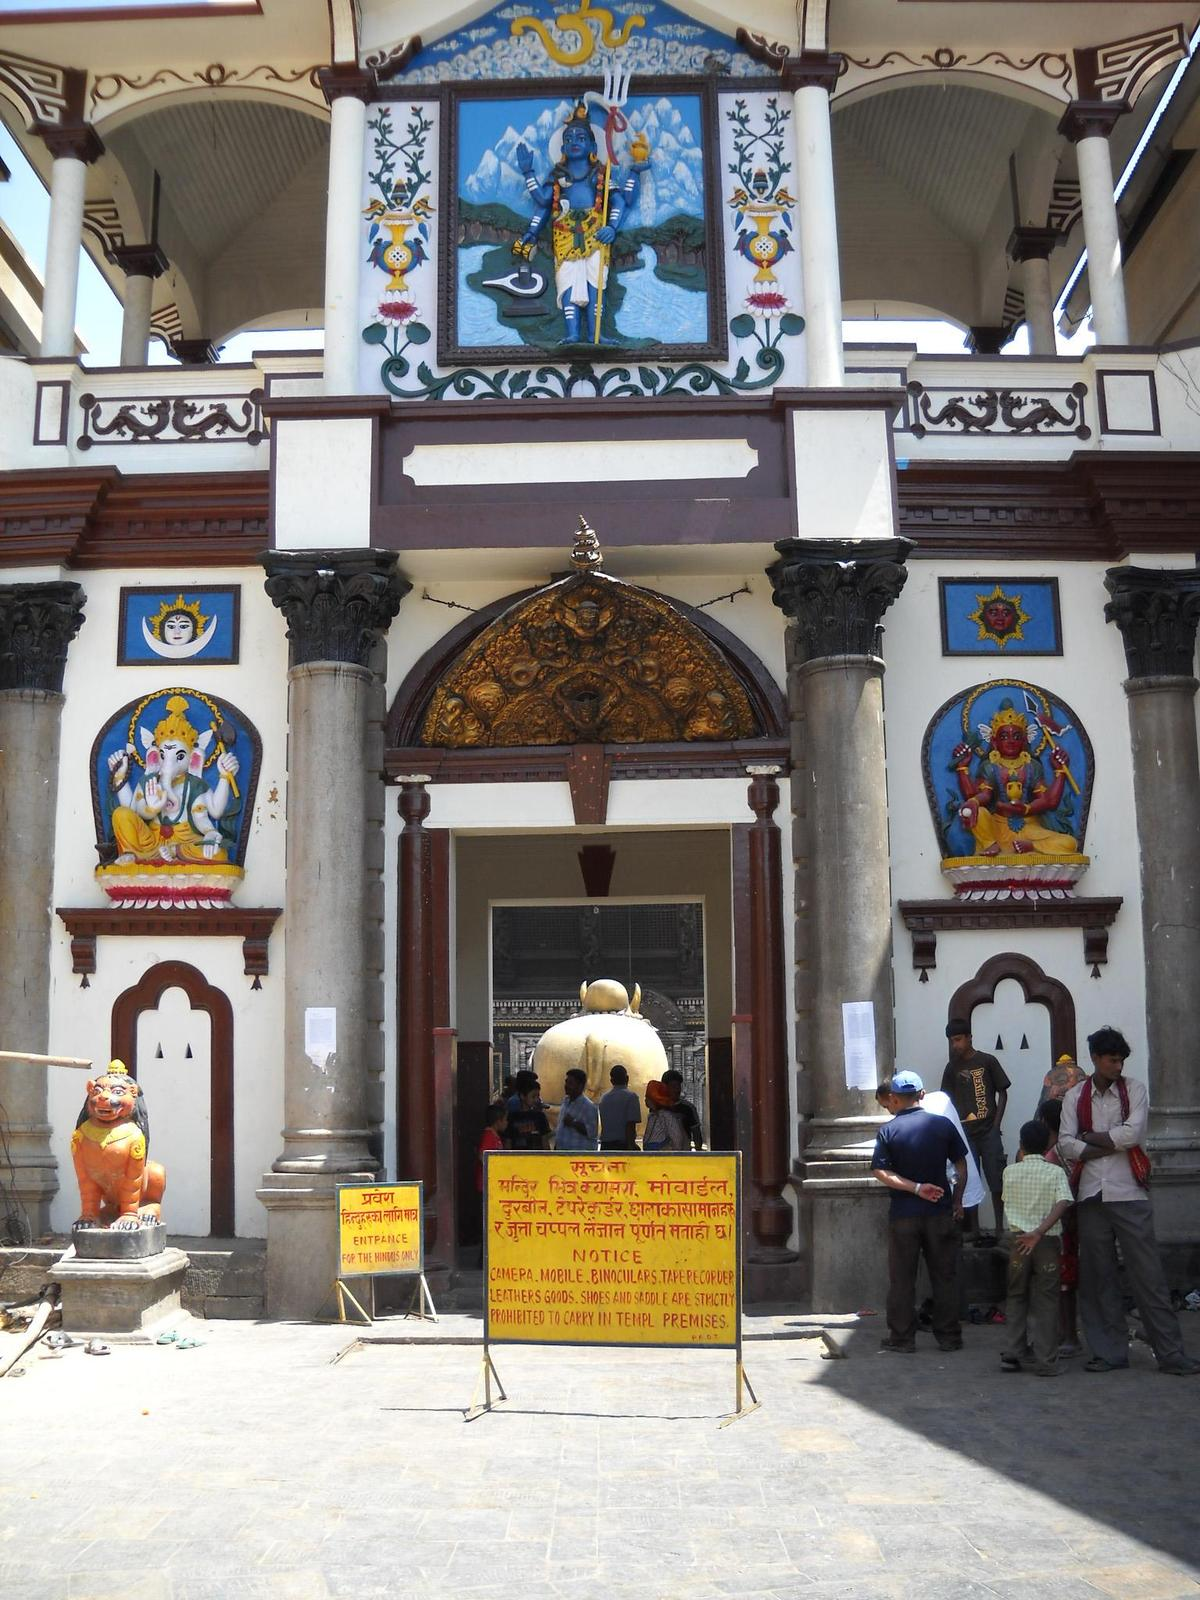 ヒンドゥー教のインド亜大陸の4大シヴァ寺院の1つ